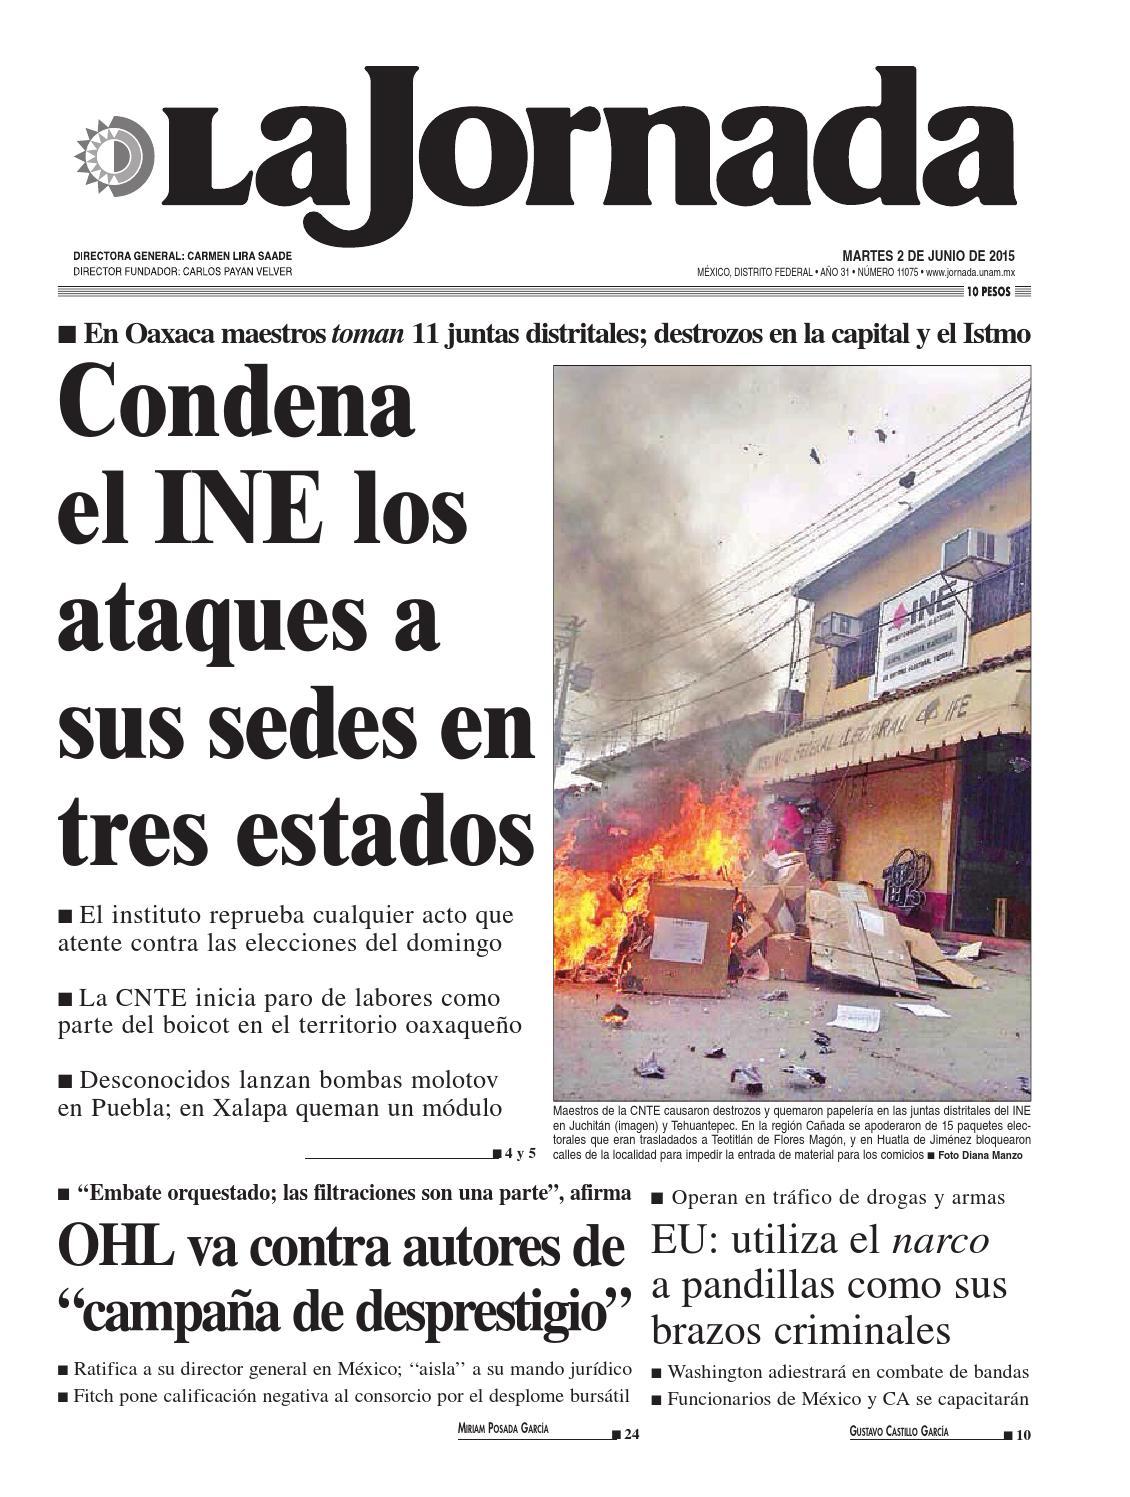 La Jornada, 06/02/2015 by La Jornada: DEMOS Desarrollo de Medios SA ...